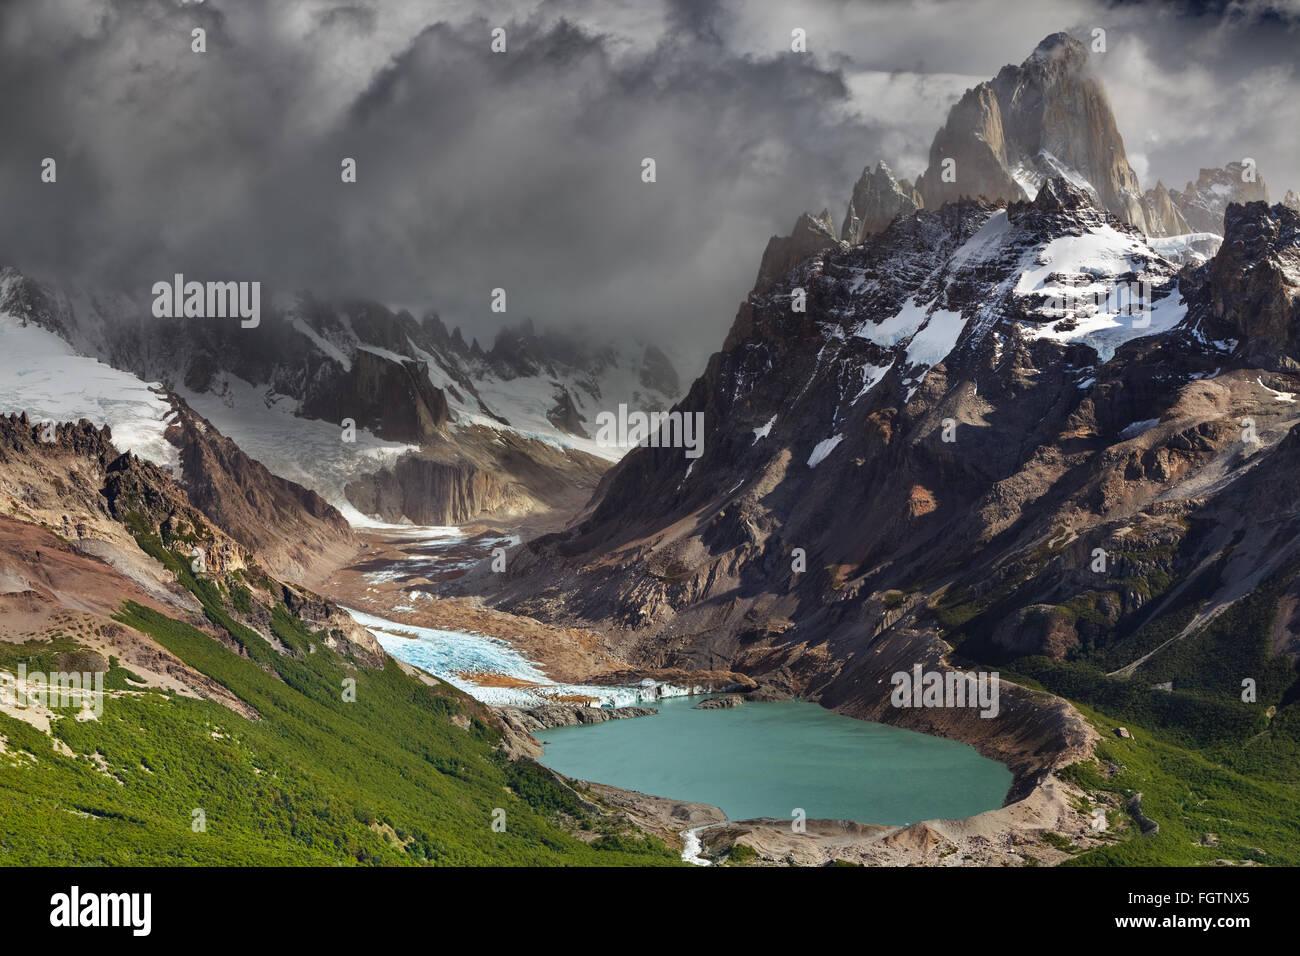 Monte Fitz Roy y laguna Torre, Parque Nacional Los Glaciares, Patagonia, Argentina Imagen De Stock